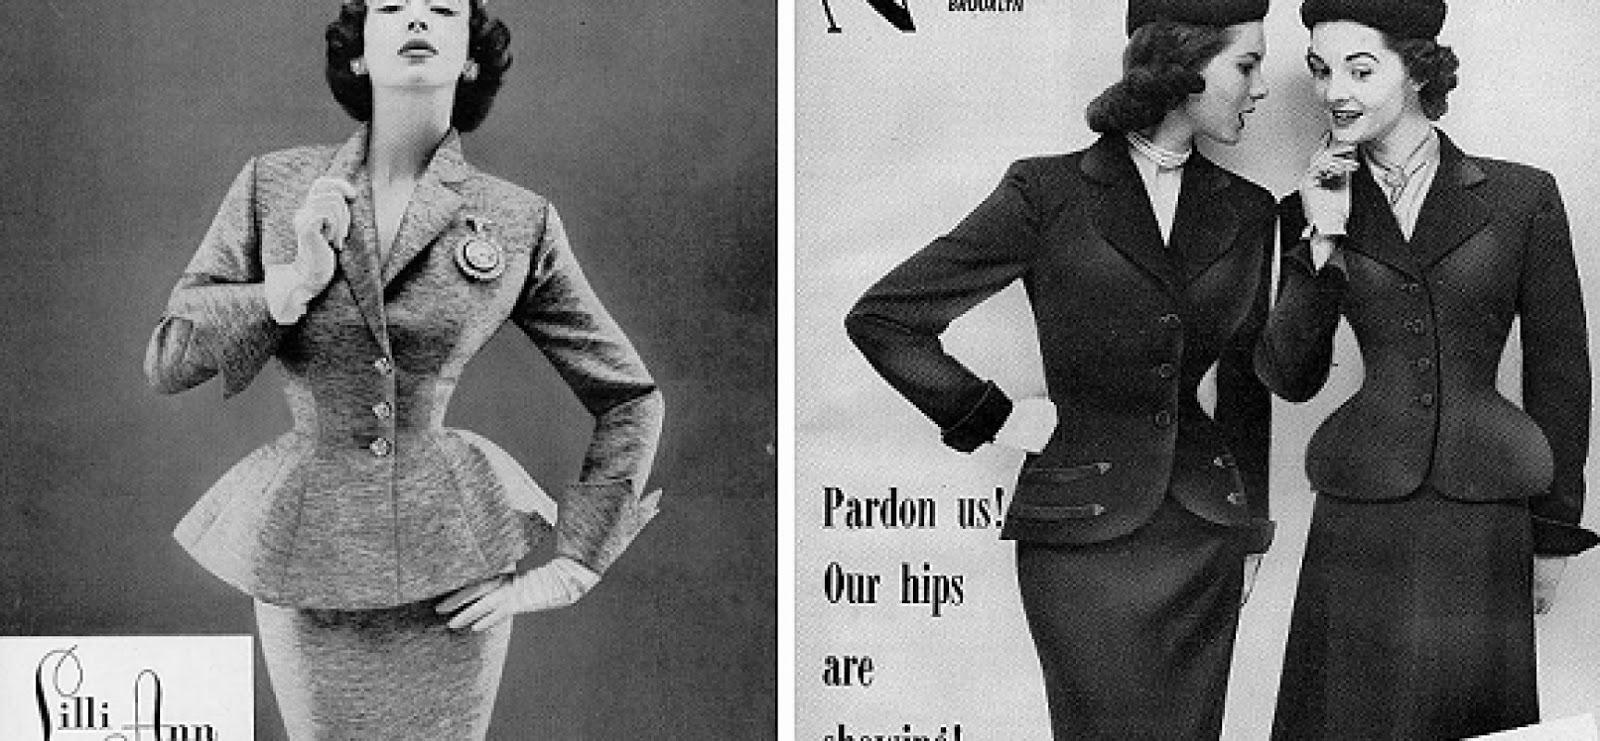 Moda in pillole il novecento gli anni 40 vanitystylemag for Storia della moda anni 50